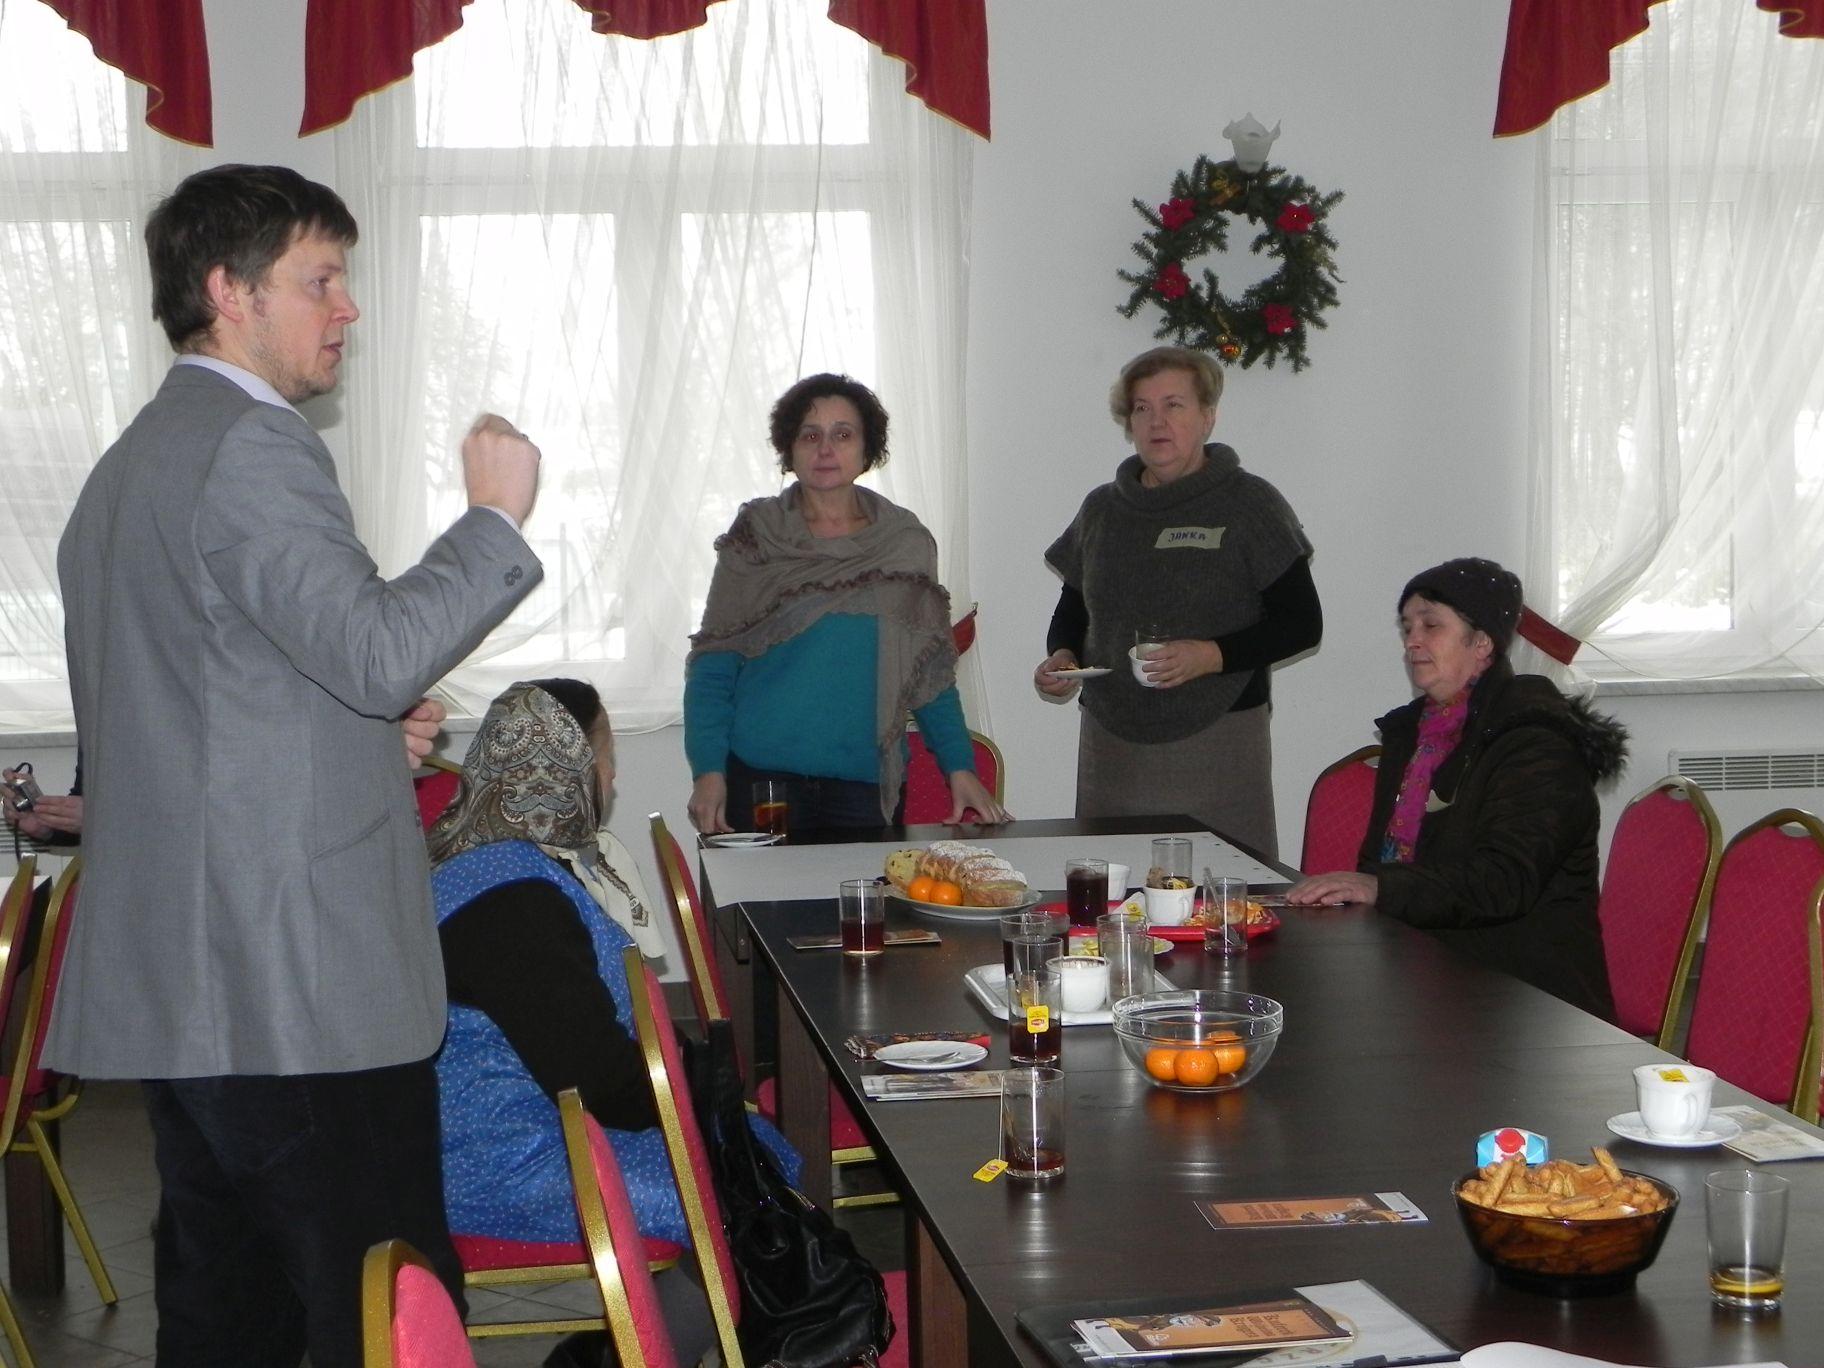 2012-12-14 Wilkowice - Konferencja Wioski tematyczne (179)